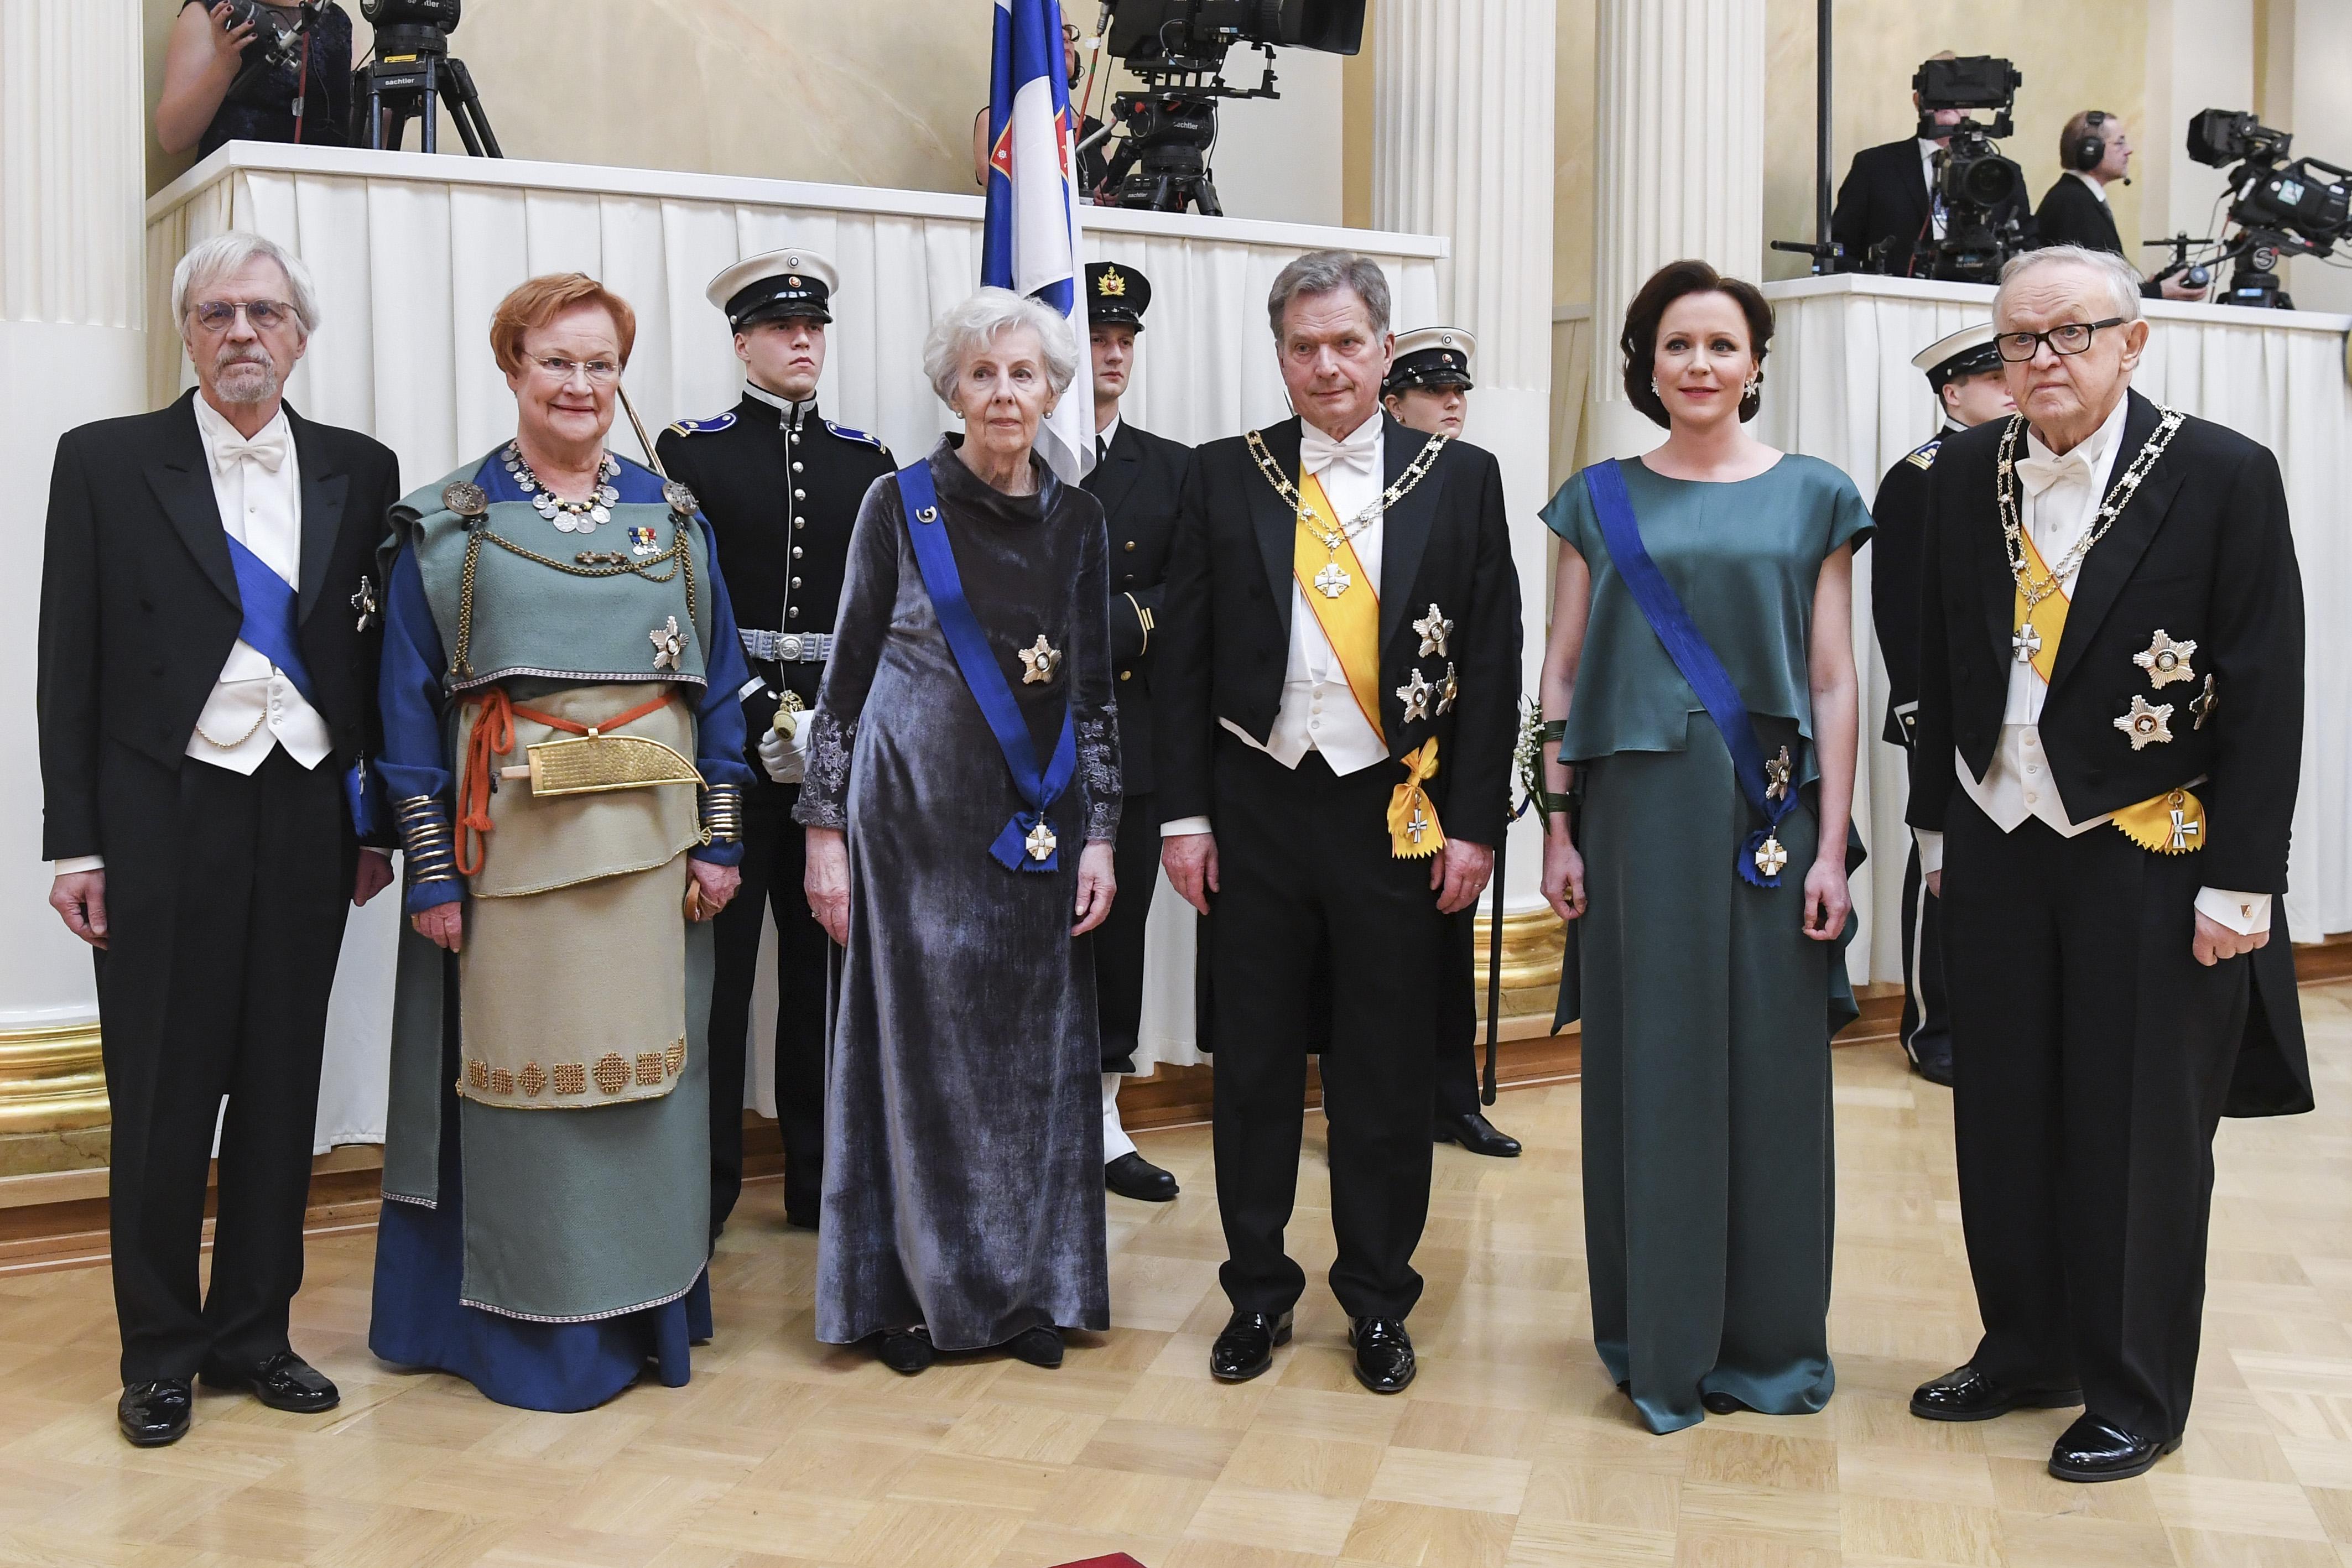 Itsenäisyyspäiväjuhlallisuuksien tyylinäyte vuodelta 2017: Suomen tasavallan presidentit Tarja Halonen, Sauli Niinistö ja MArtti Ahtisaari puolisoineen.